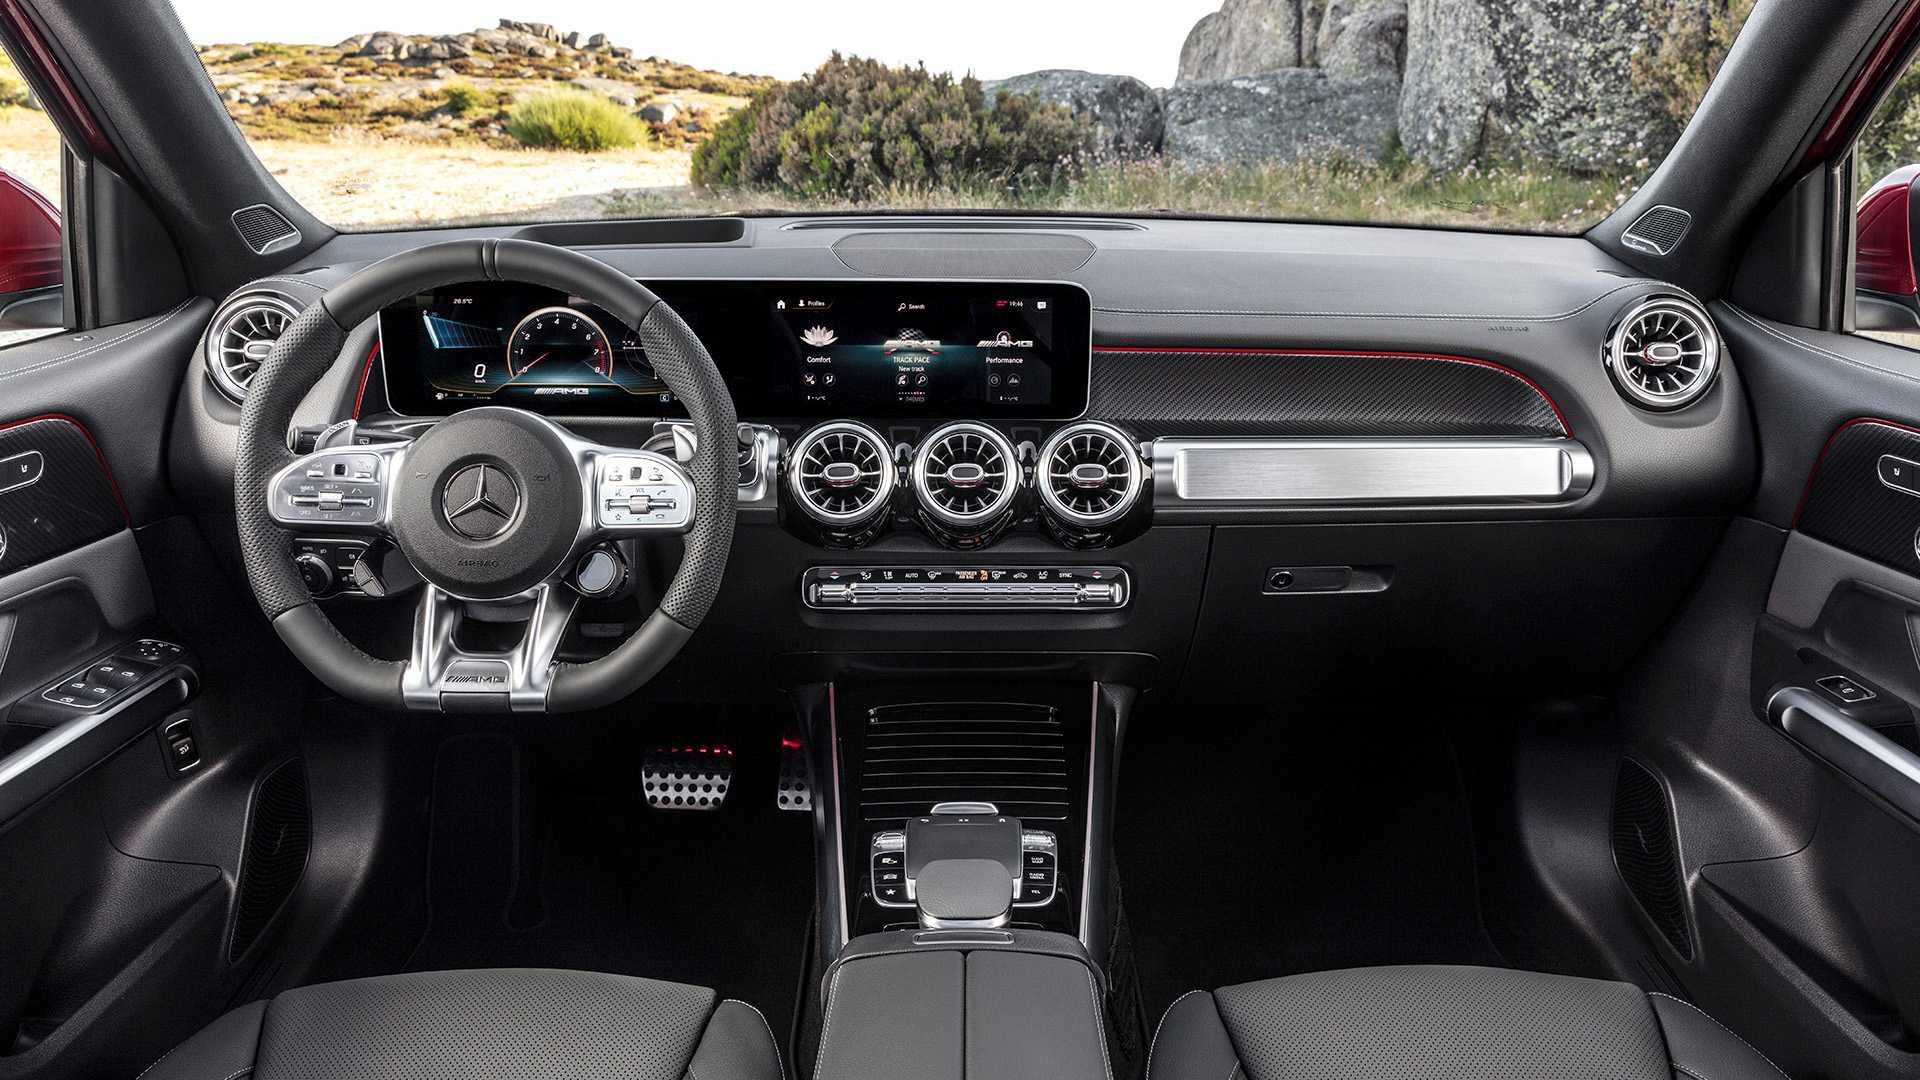 Mercedes-AMG GLB 35 - SUV cỡ nhỏ 7 chỗ mạnh hơn 300 mã lực 18